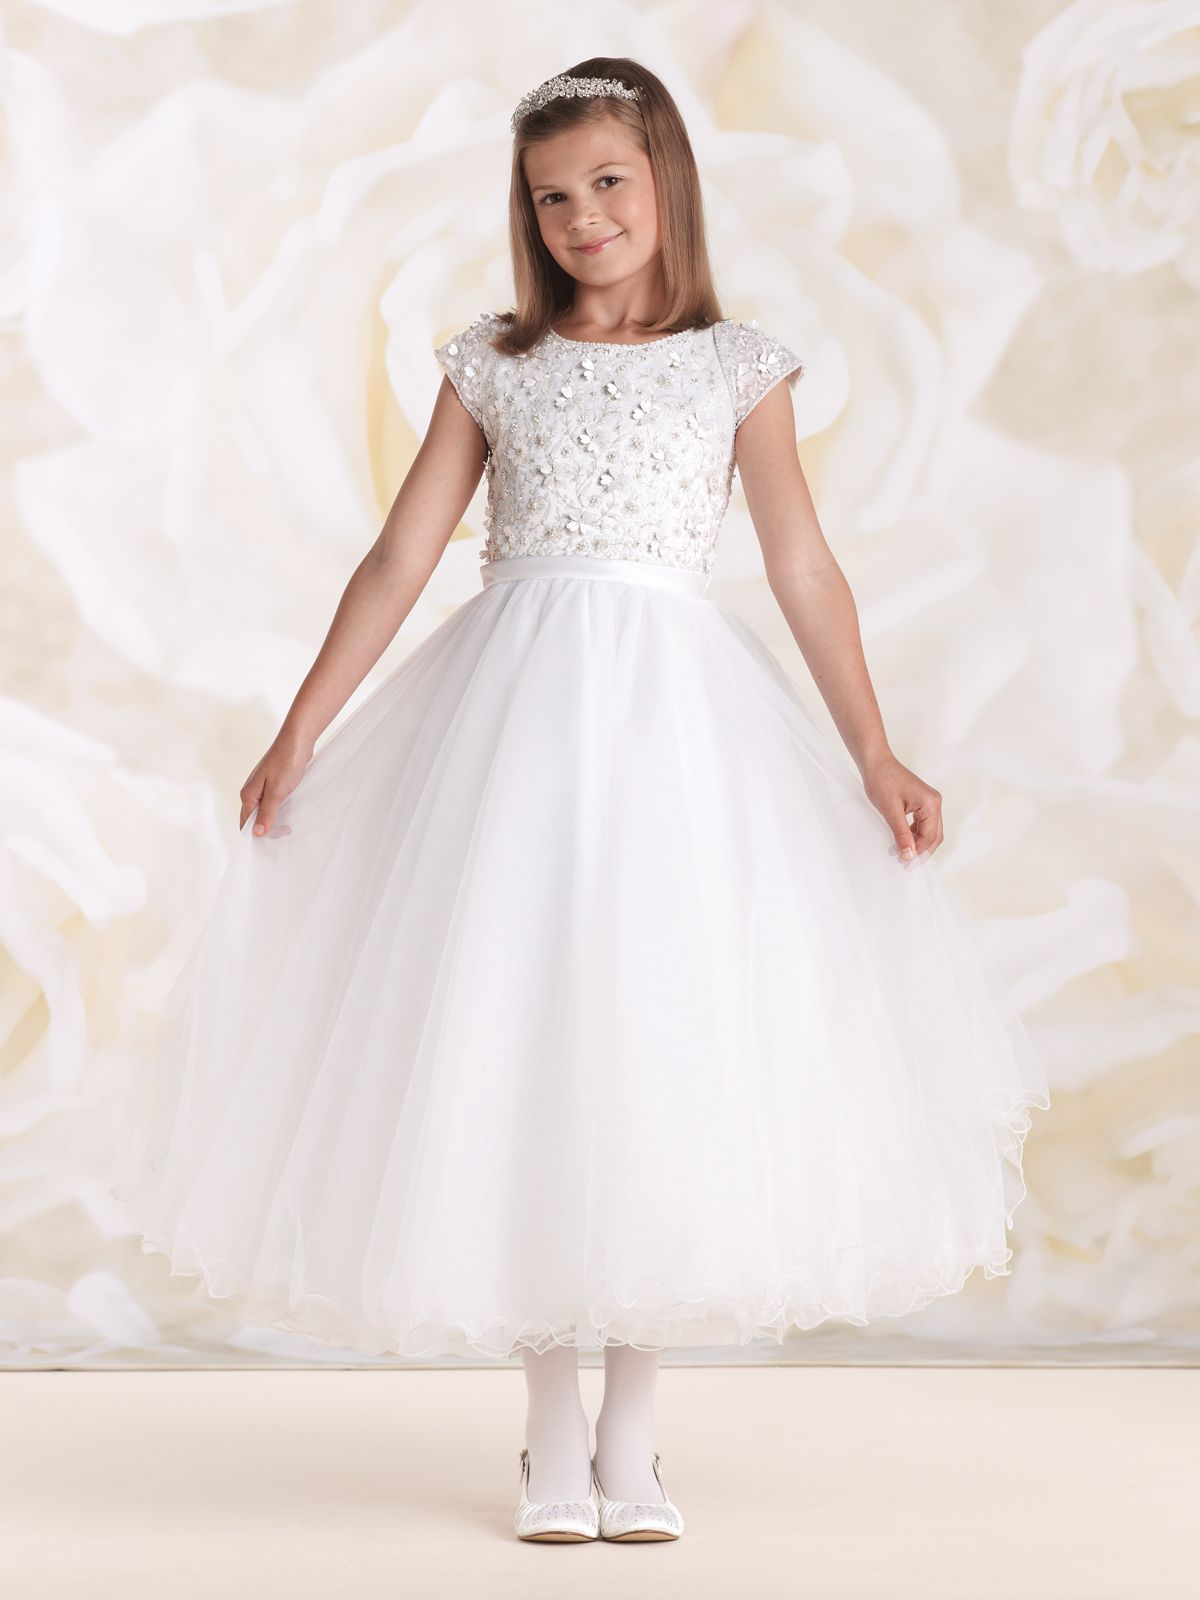 f7a17e7f62ba Tutti Sposa - Aluguel Vestidos de Noiva - Aluguel Vestidos de Madrinhas de  Casamento - Aluguel de Roupas de Festas - Aluguel de Roupas de Formaturas